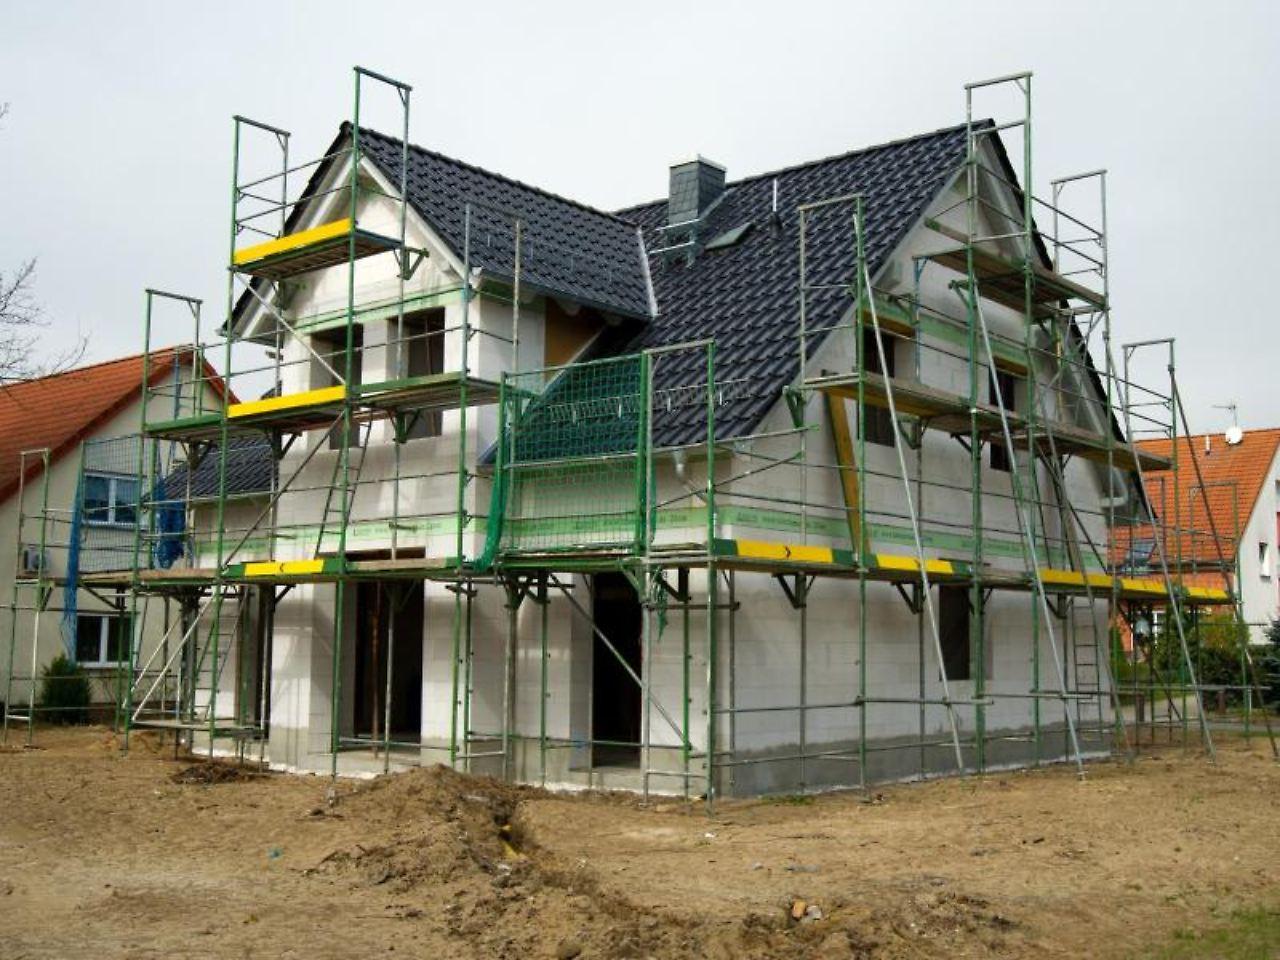 nordischer exportschlager mehr wohnraum mit drittem. Black Bedroom Furniture Sets. Home Design Ideas